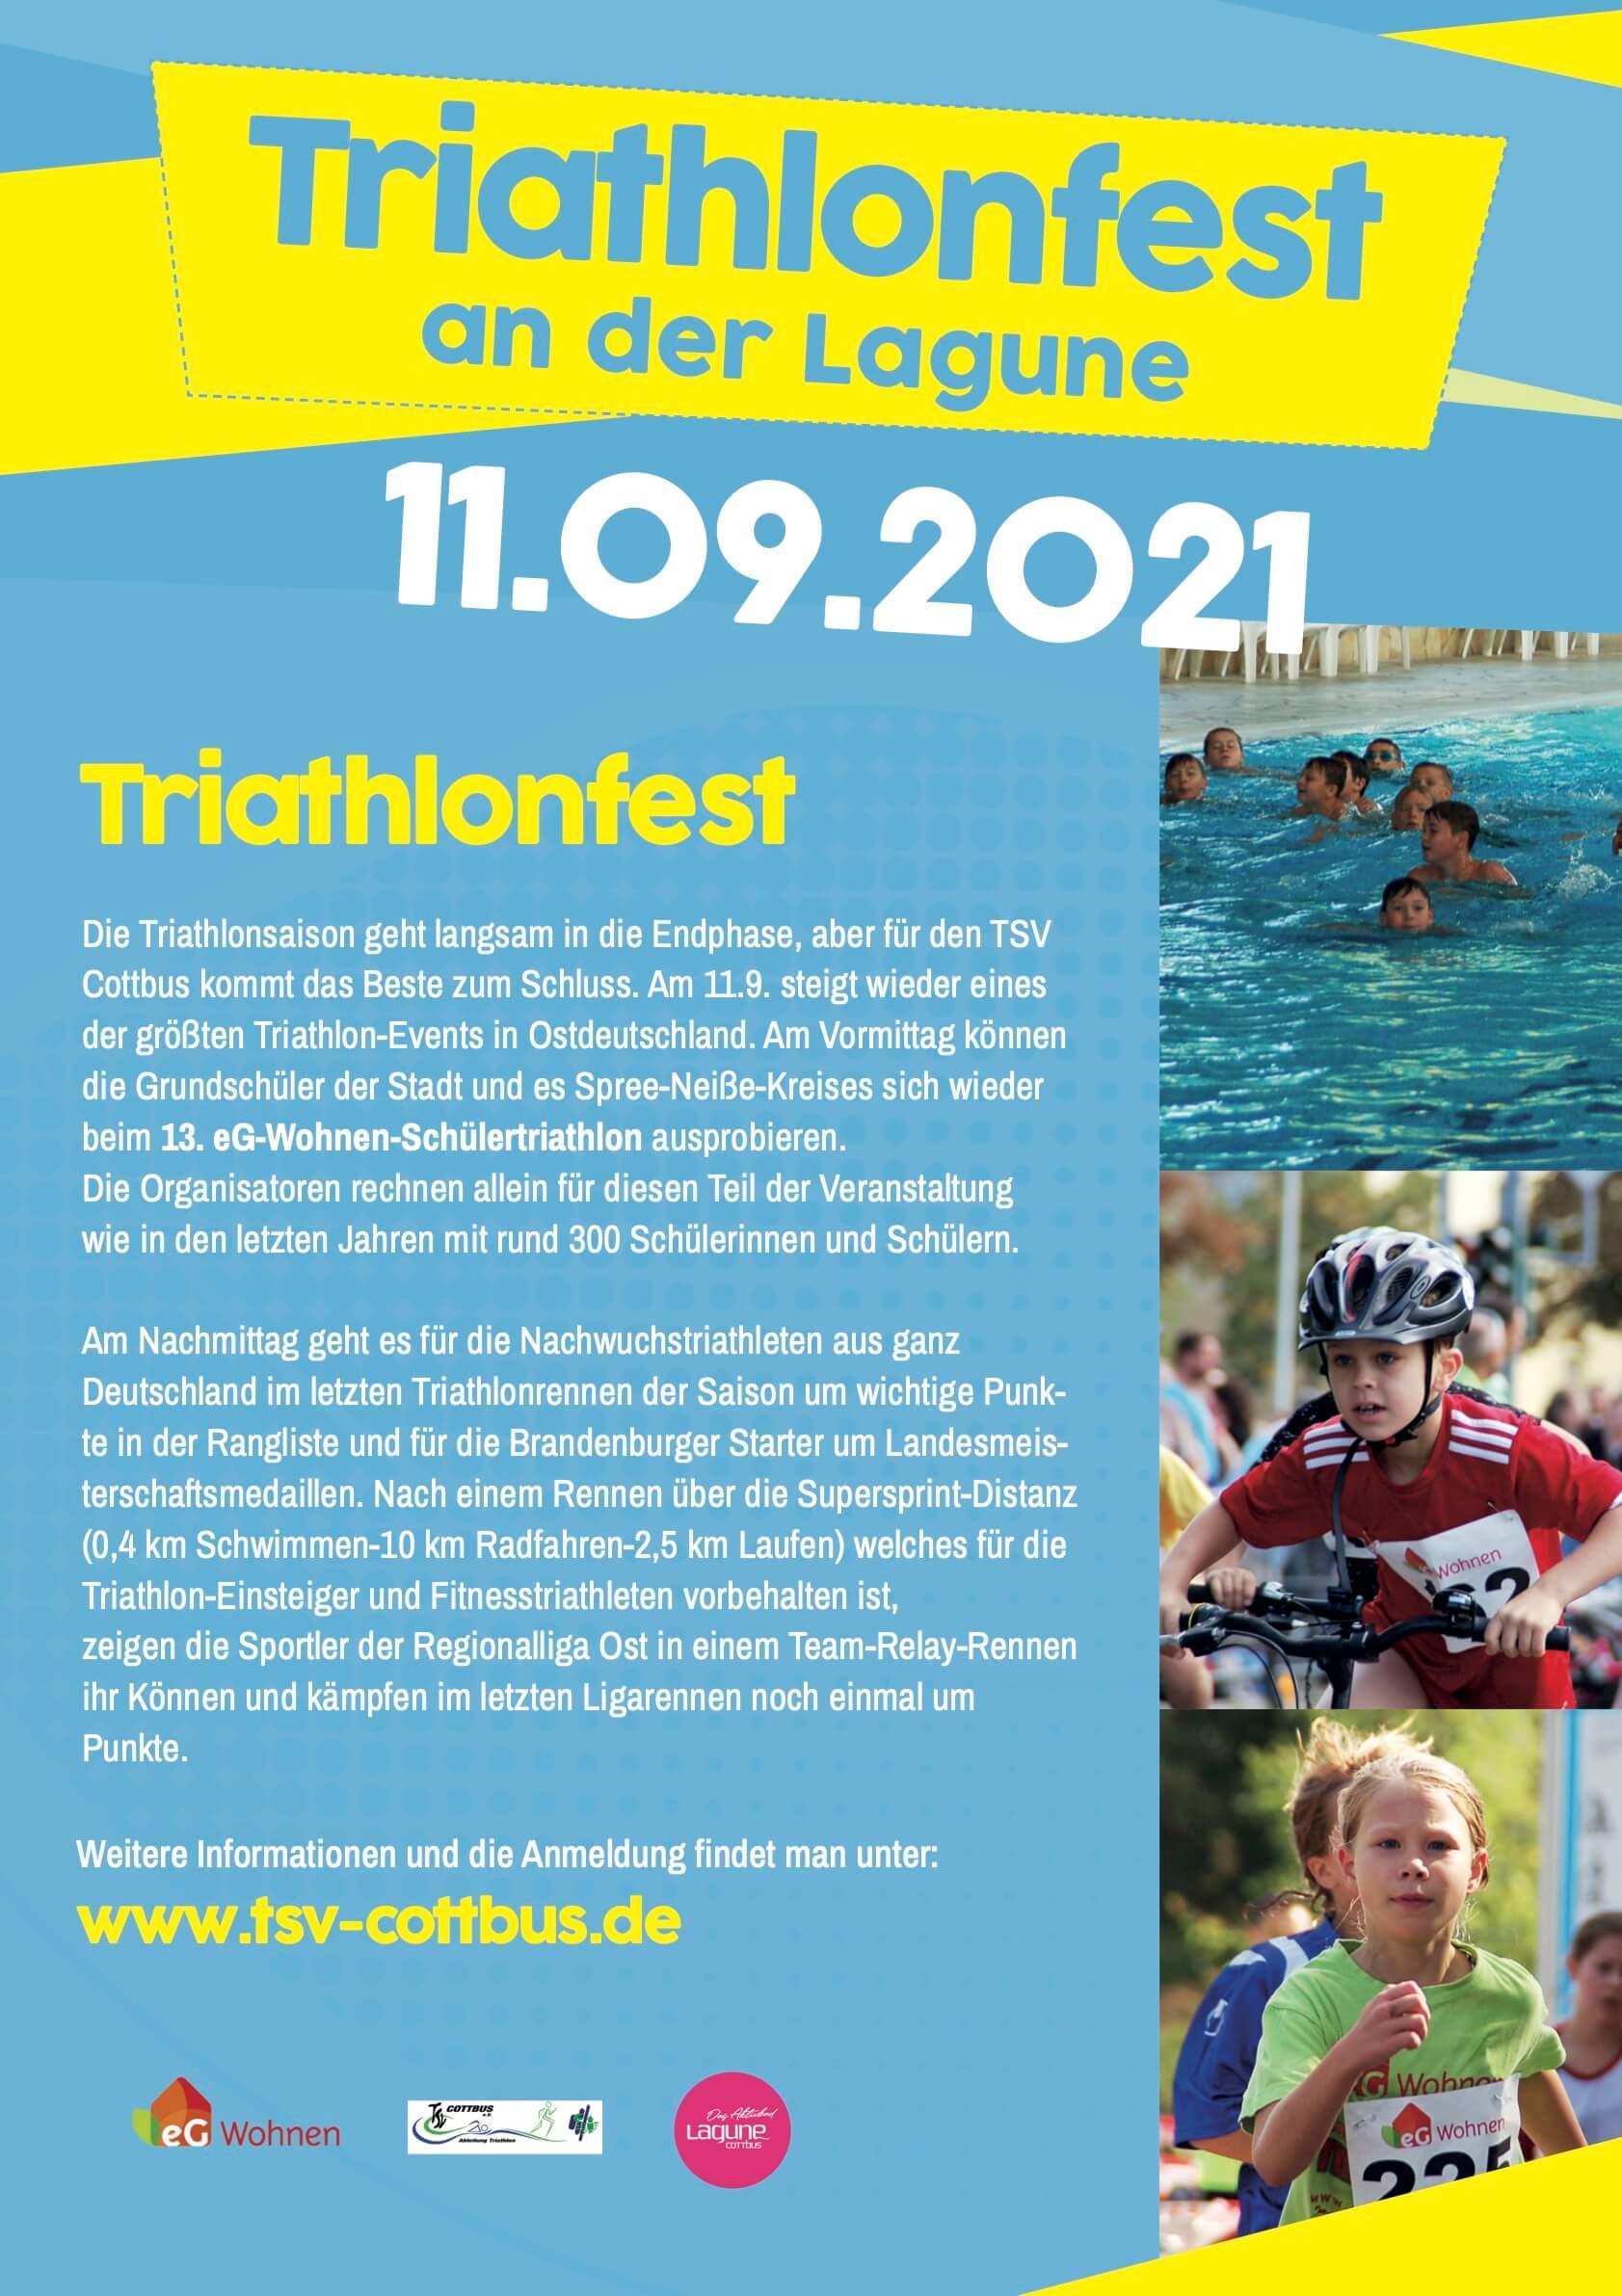 Triathlonfest 2021 in der Lagune Cottbus